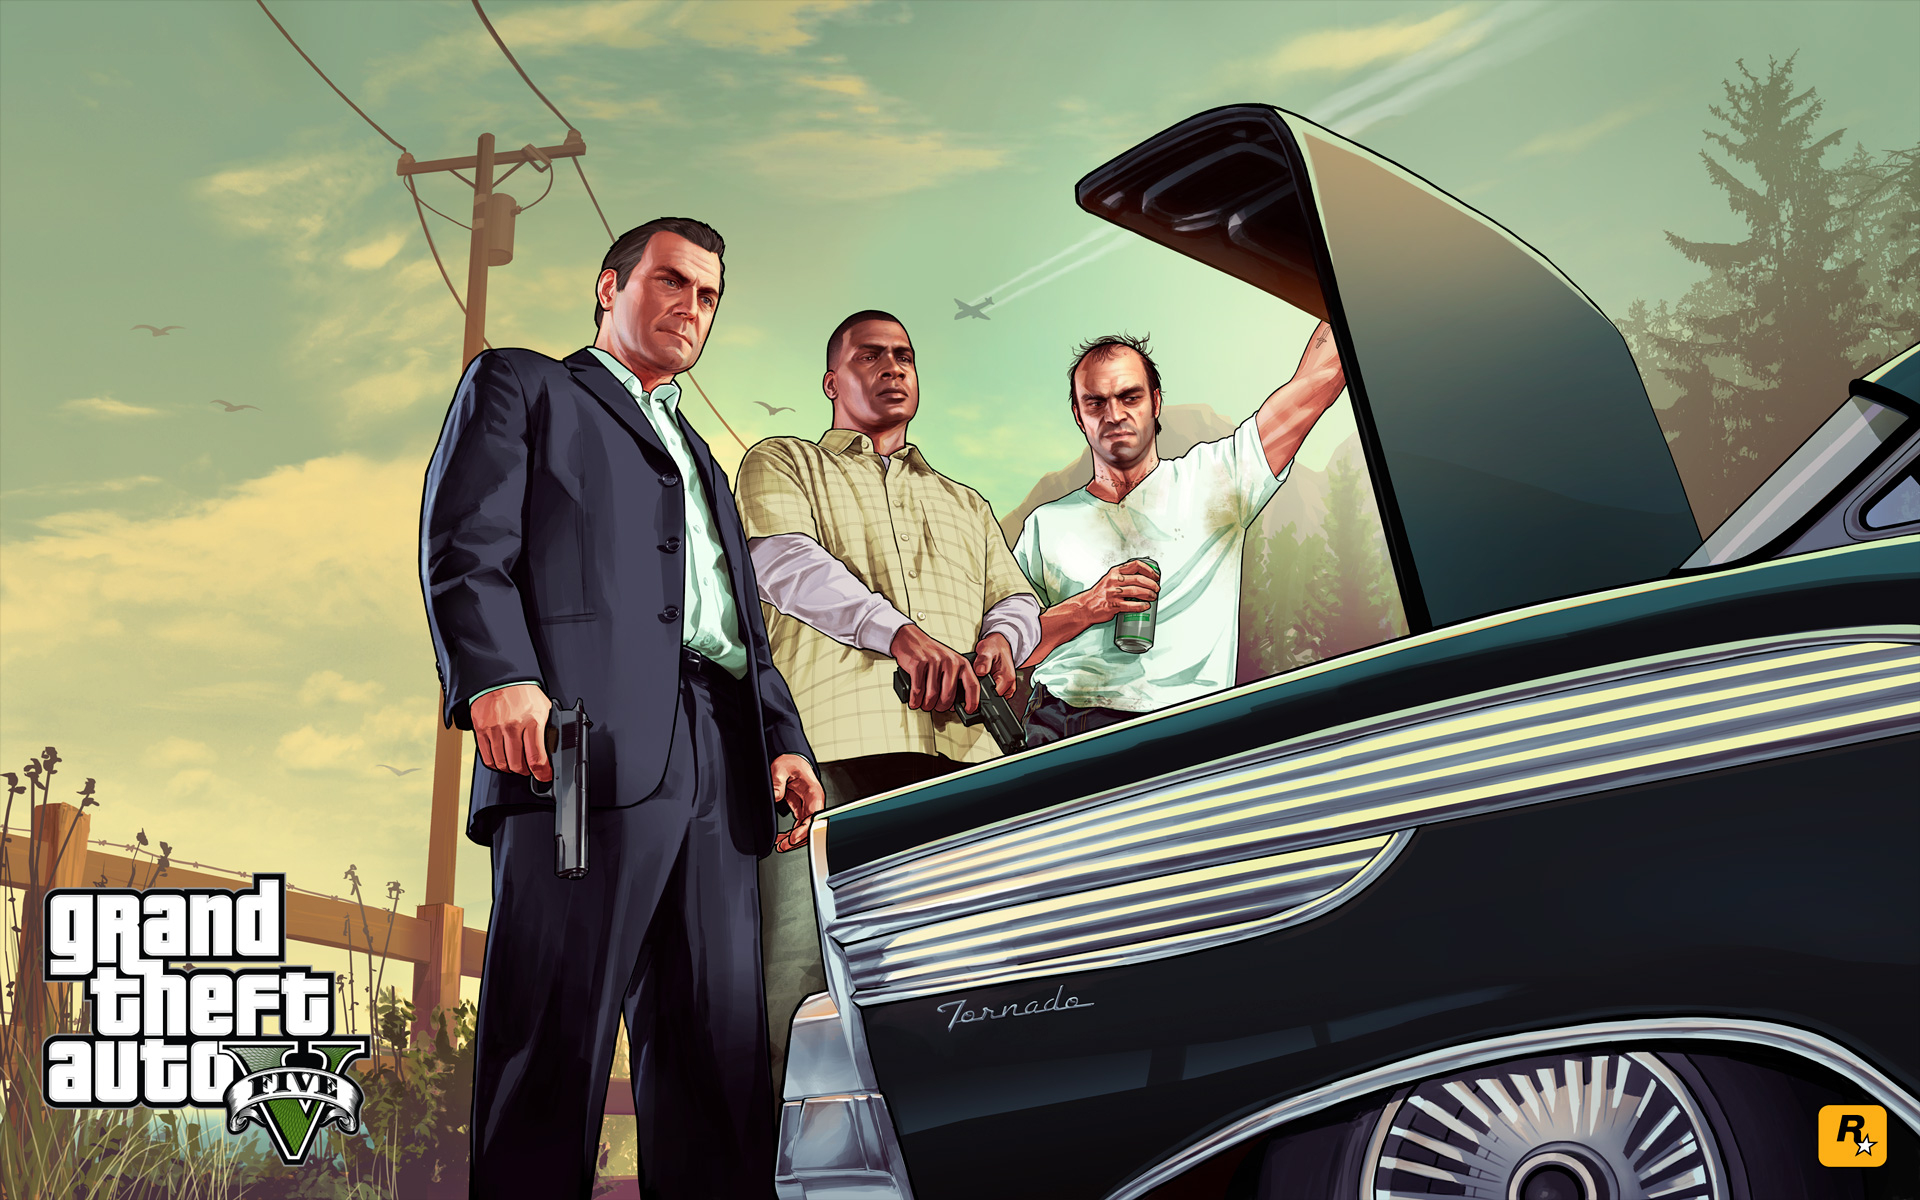 Telecharger Gta 5 Pc Gratuit | Télécharger Grand Theft Auto dedans Jeux Telecharger Pc Gratuit